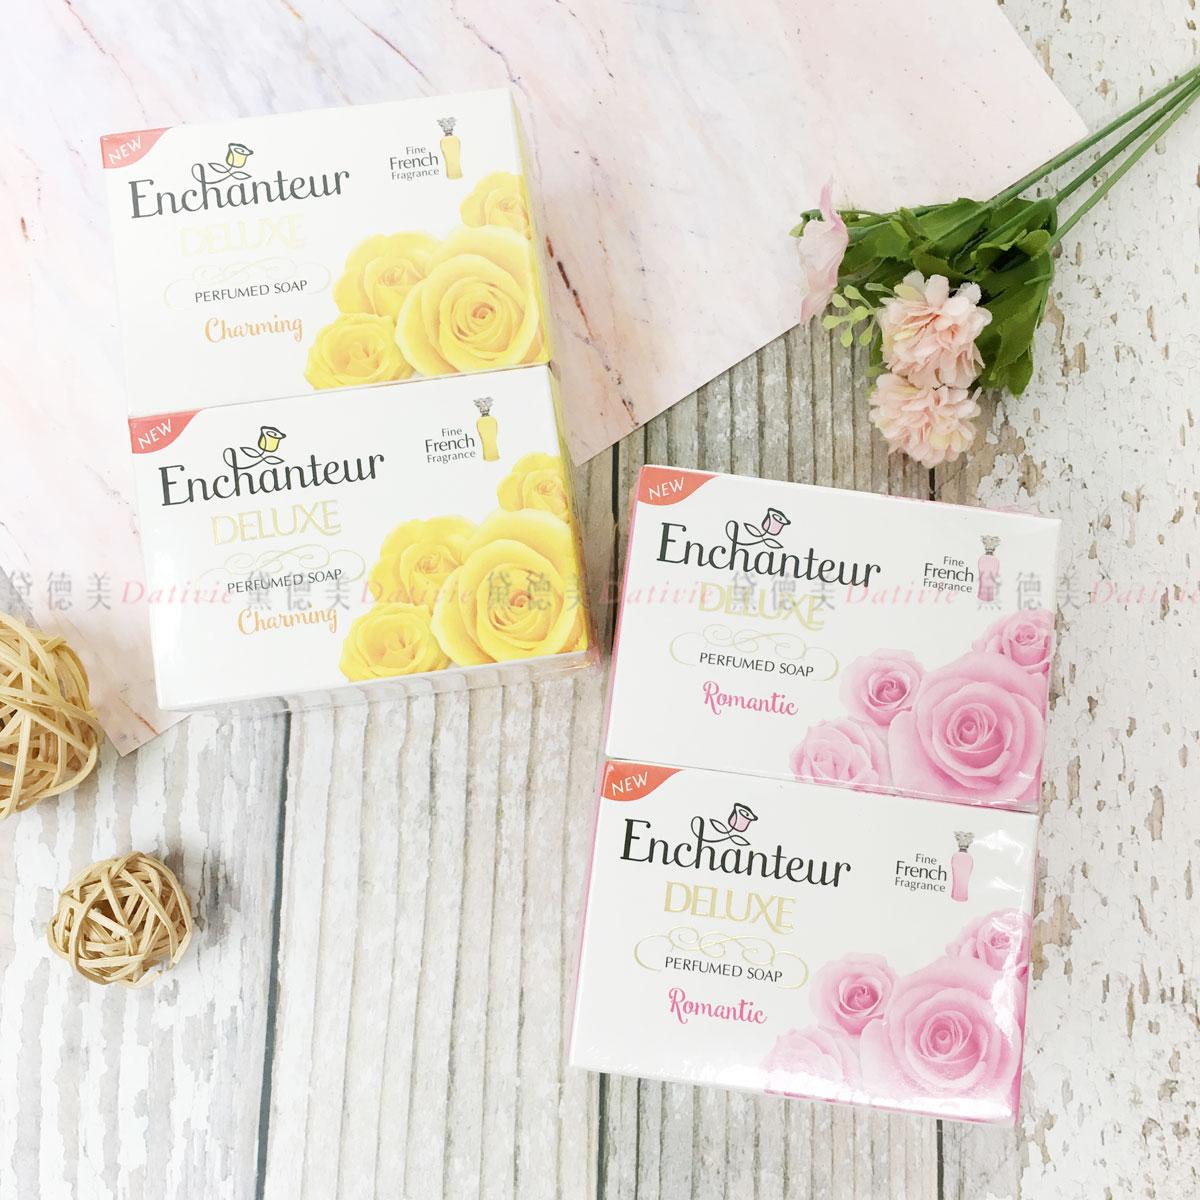 艾詩玫瑰精油香皂 粉紅玫瑰 黃玫瑰 四入一組 越南製造